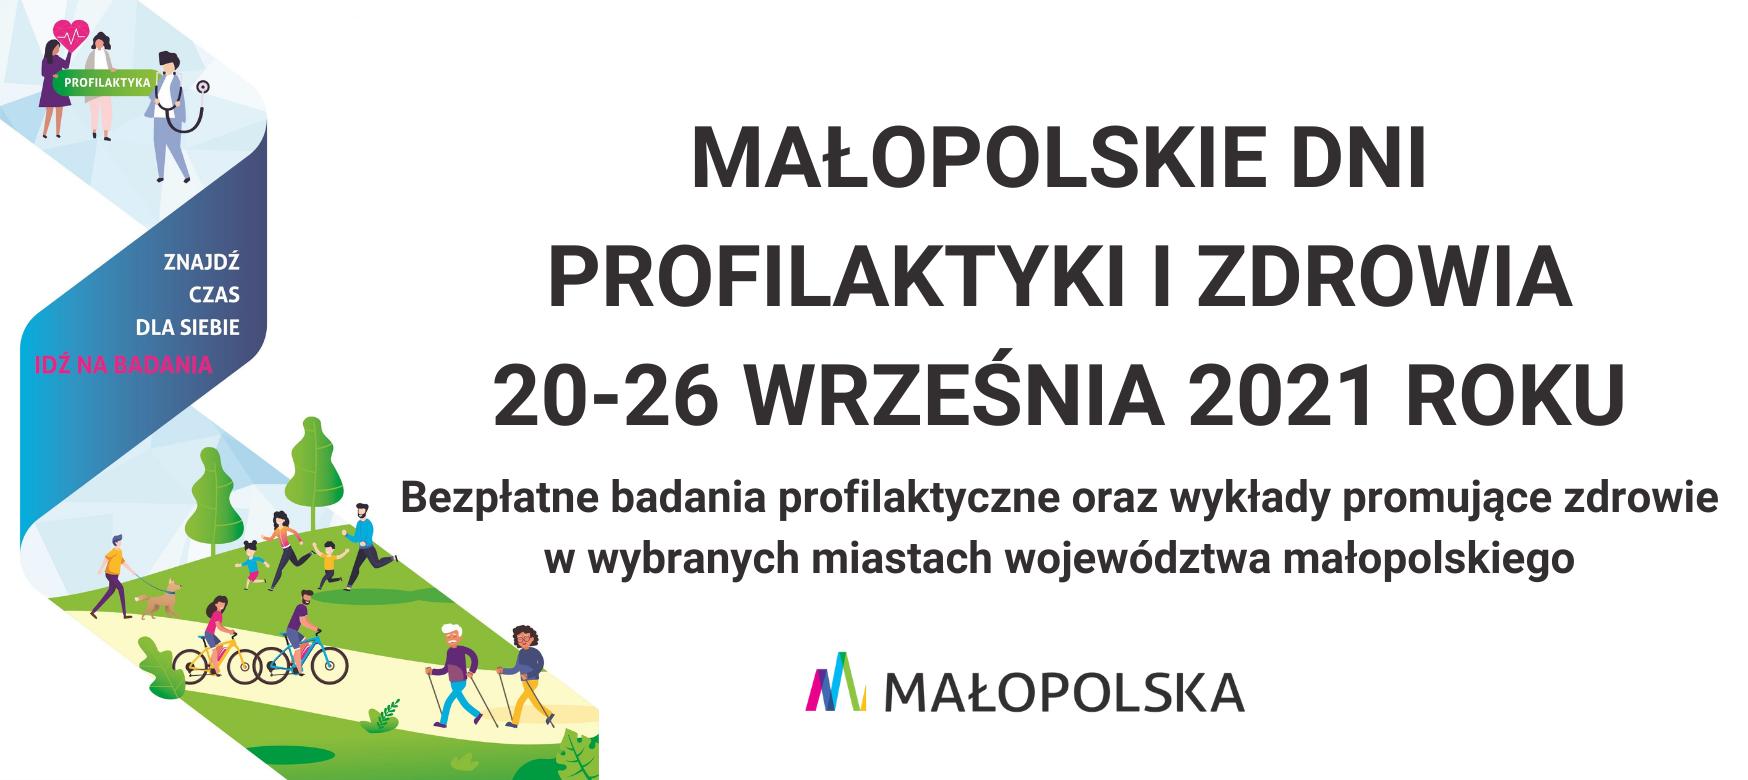 Plakat . Napis : Małopolskie Dni Profilaktyki i Zdrowia 20-26 września 2021 roku.